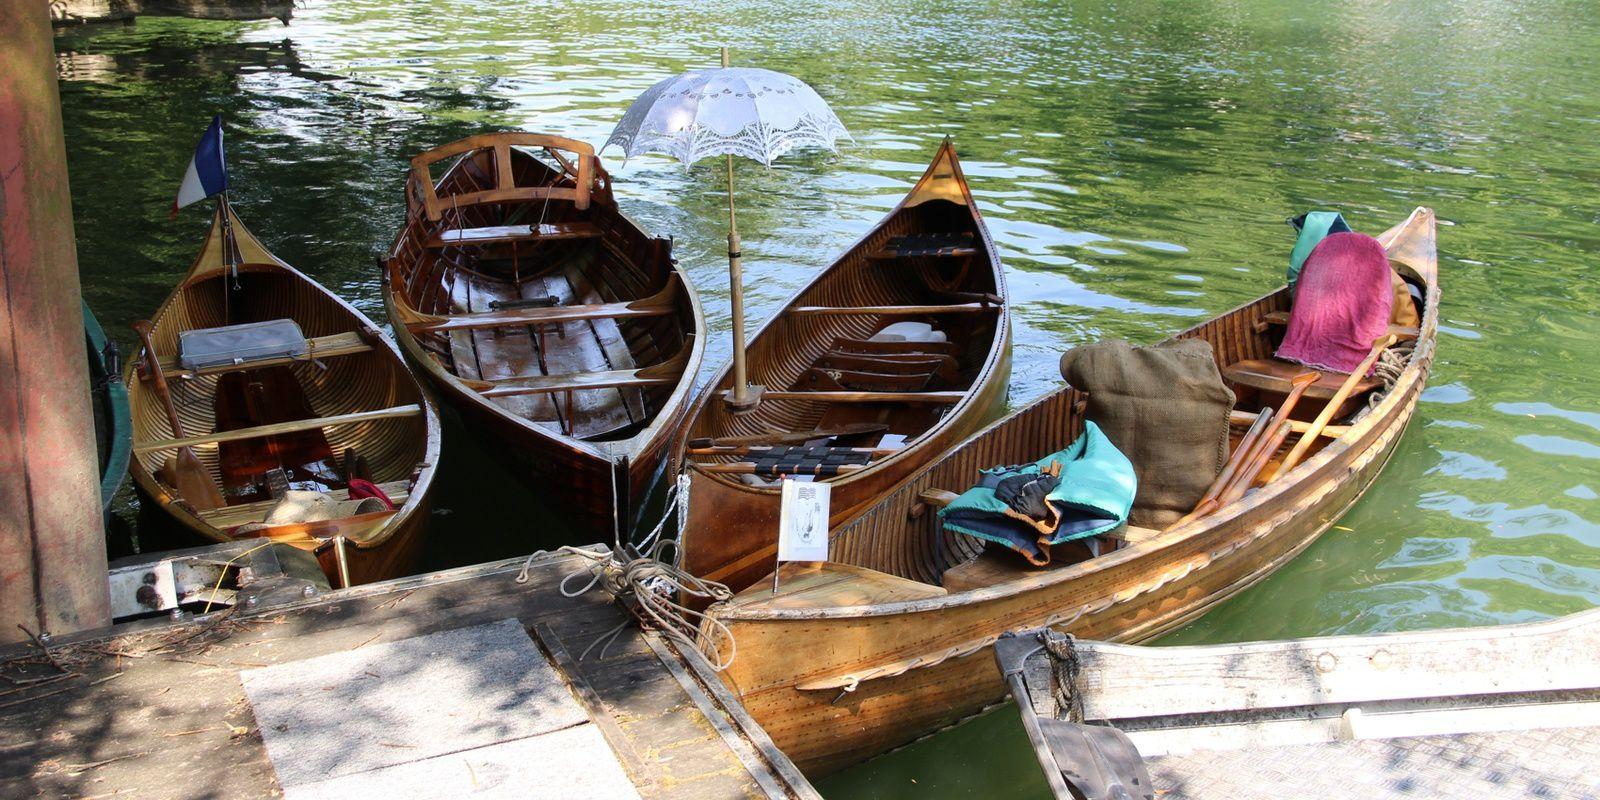 La fête du canotage : FestiMarne les 27 et 28 mai - NOGENT sur MARNE